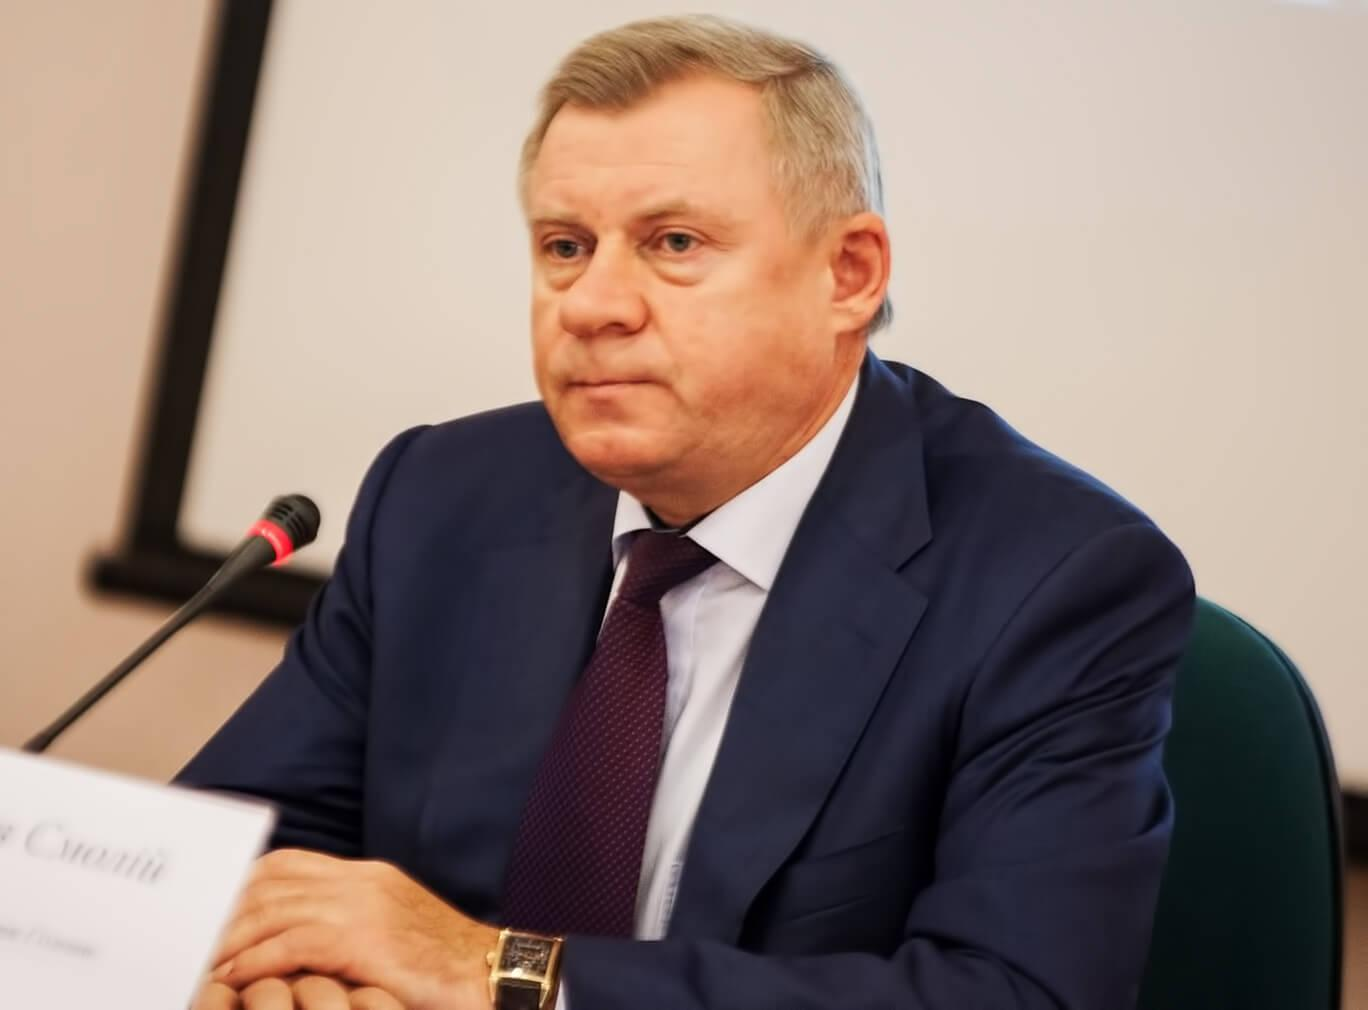 Яков Смолий - украинский экономист и банкир, экс-глава НБУ